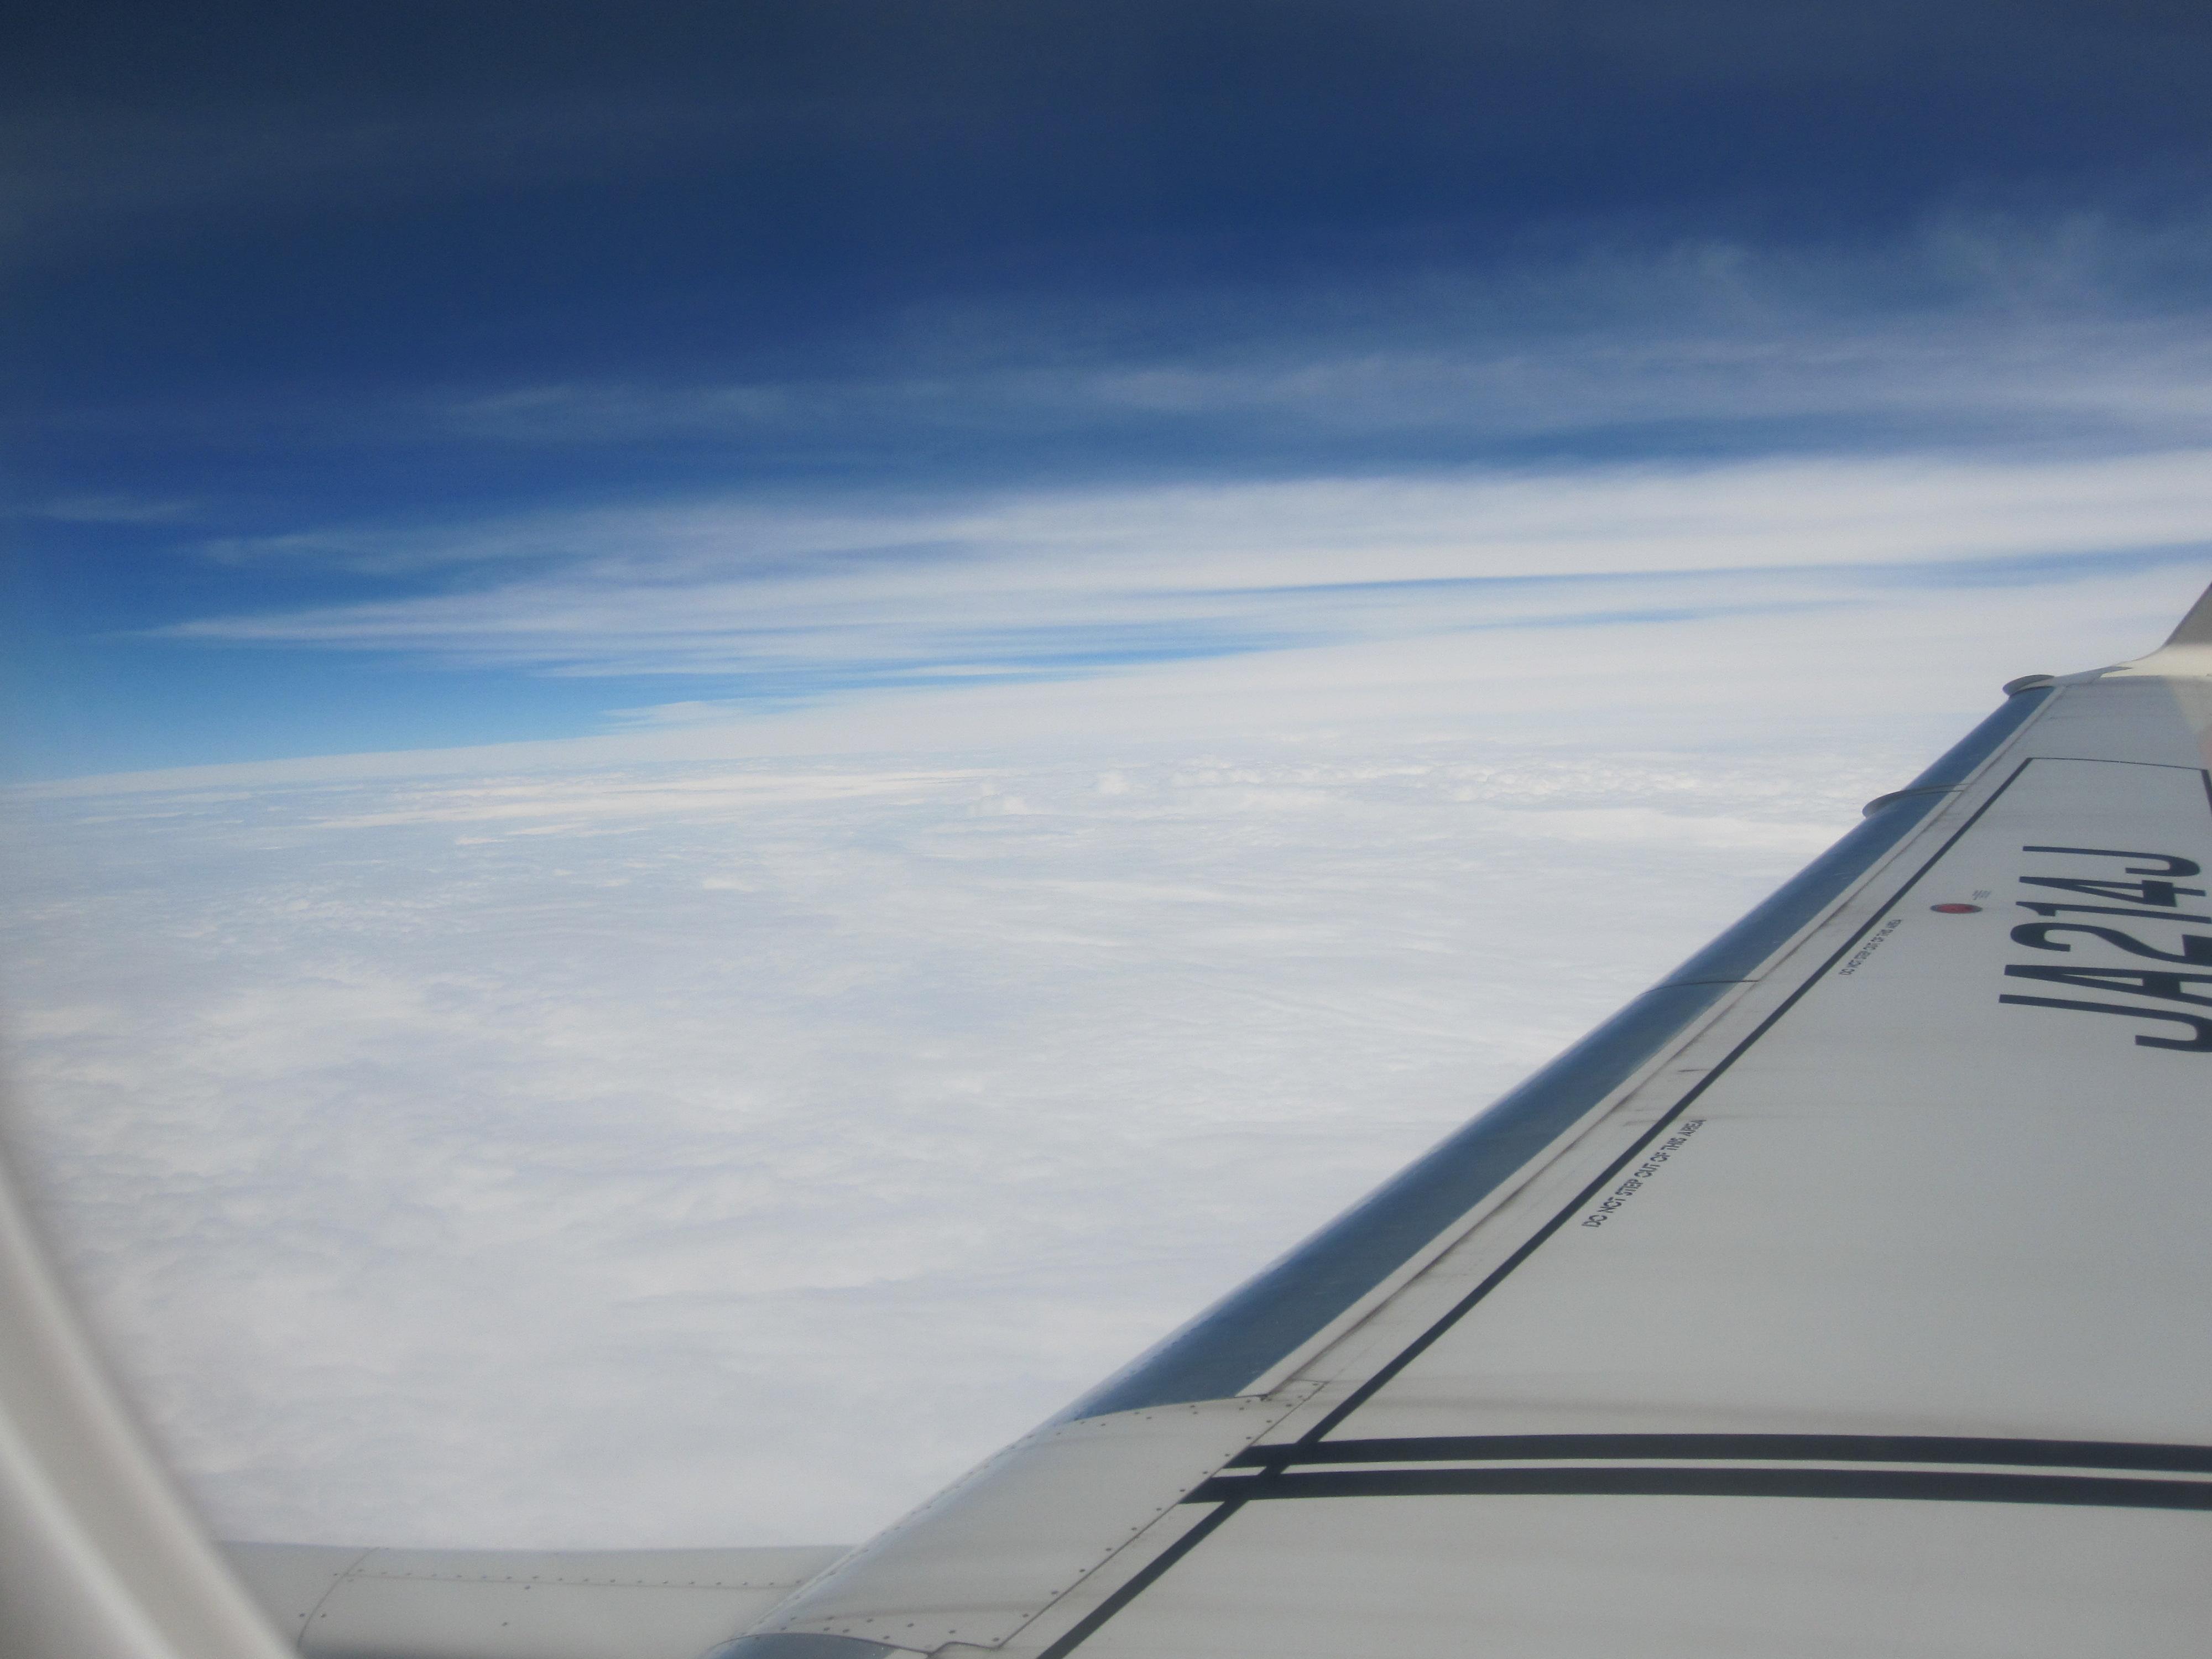 飛行機に乗って北海道まで